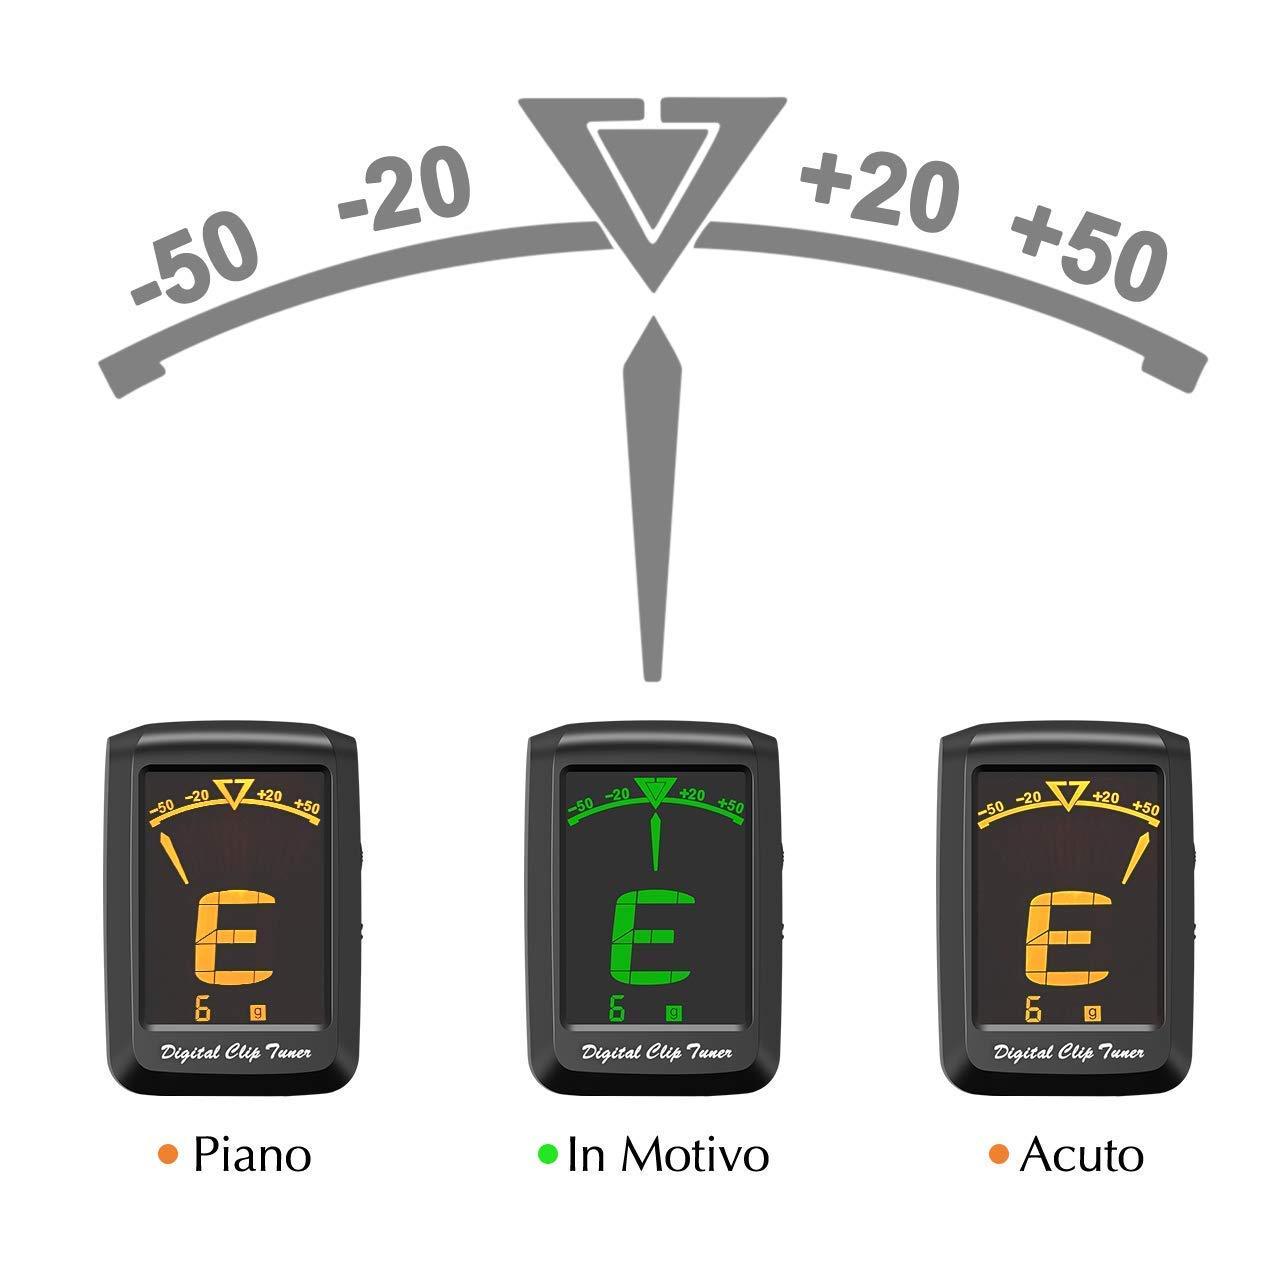 chromatique.Mise en veille automatique apr/ès 3/minutes dinutilisation. Mpow Accordeur num/érique 3/m/édiators batterie inclus basse 1,65 violon ukul/él/é adapt/é pour guitare /écran LCD